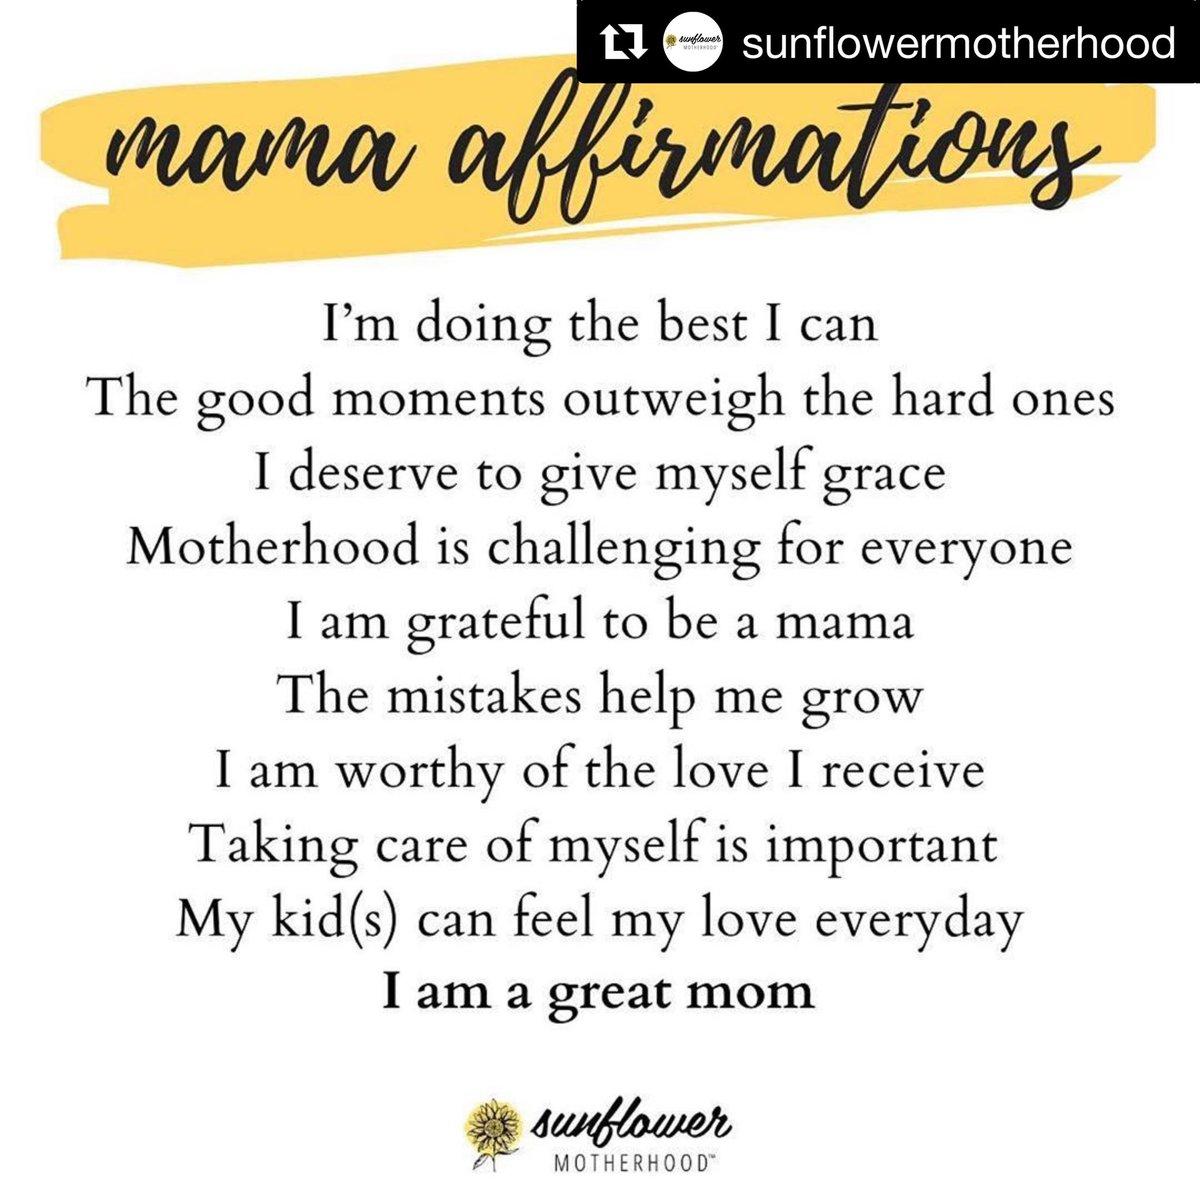 #fourthtrimester #maternalhealthpic.twitter.com/955sLgeUkT